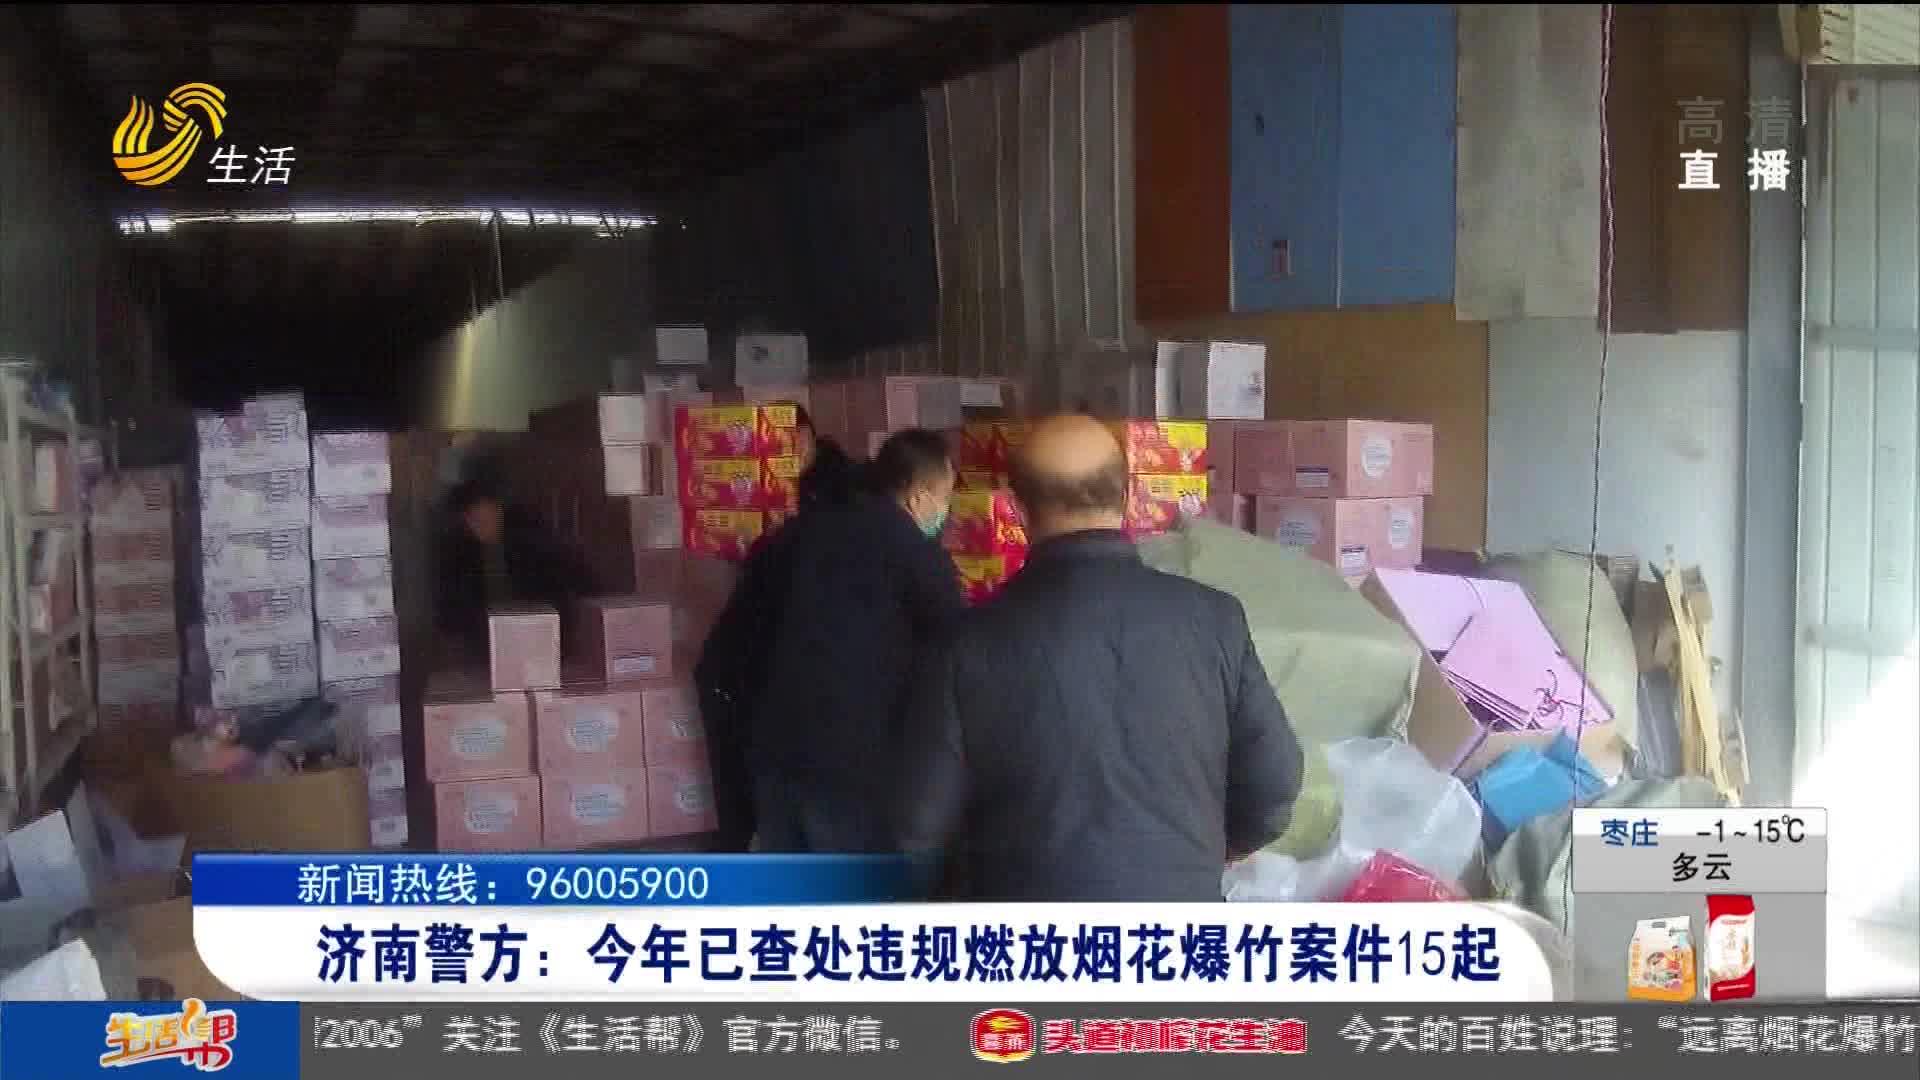 济南警方:今年已查处违规燃放烟花爆竹案件15起